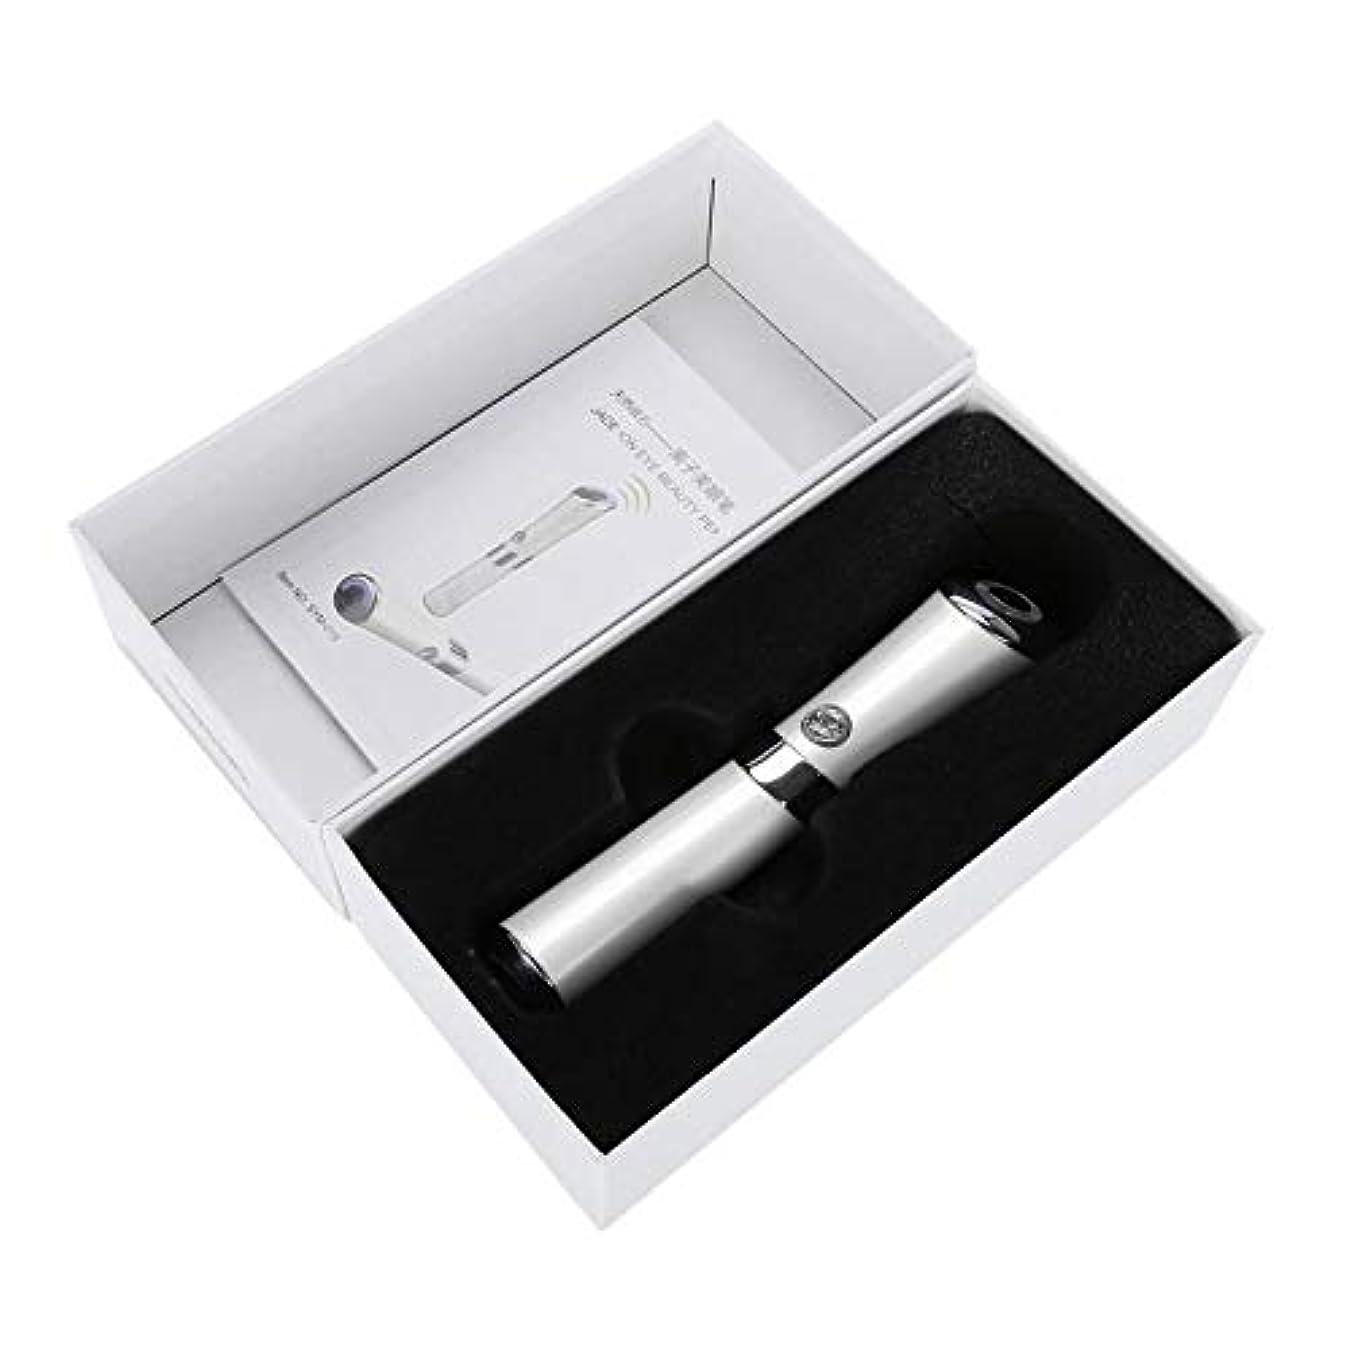 類推候補者赤Ostulla 高品質のハンドヘルド電磁石アイマッサージャー、絶妙なアイケア機器 気配りの行き届いたサービス (Color : White)